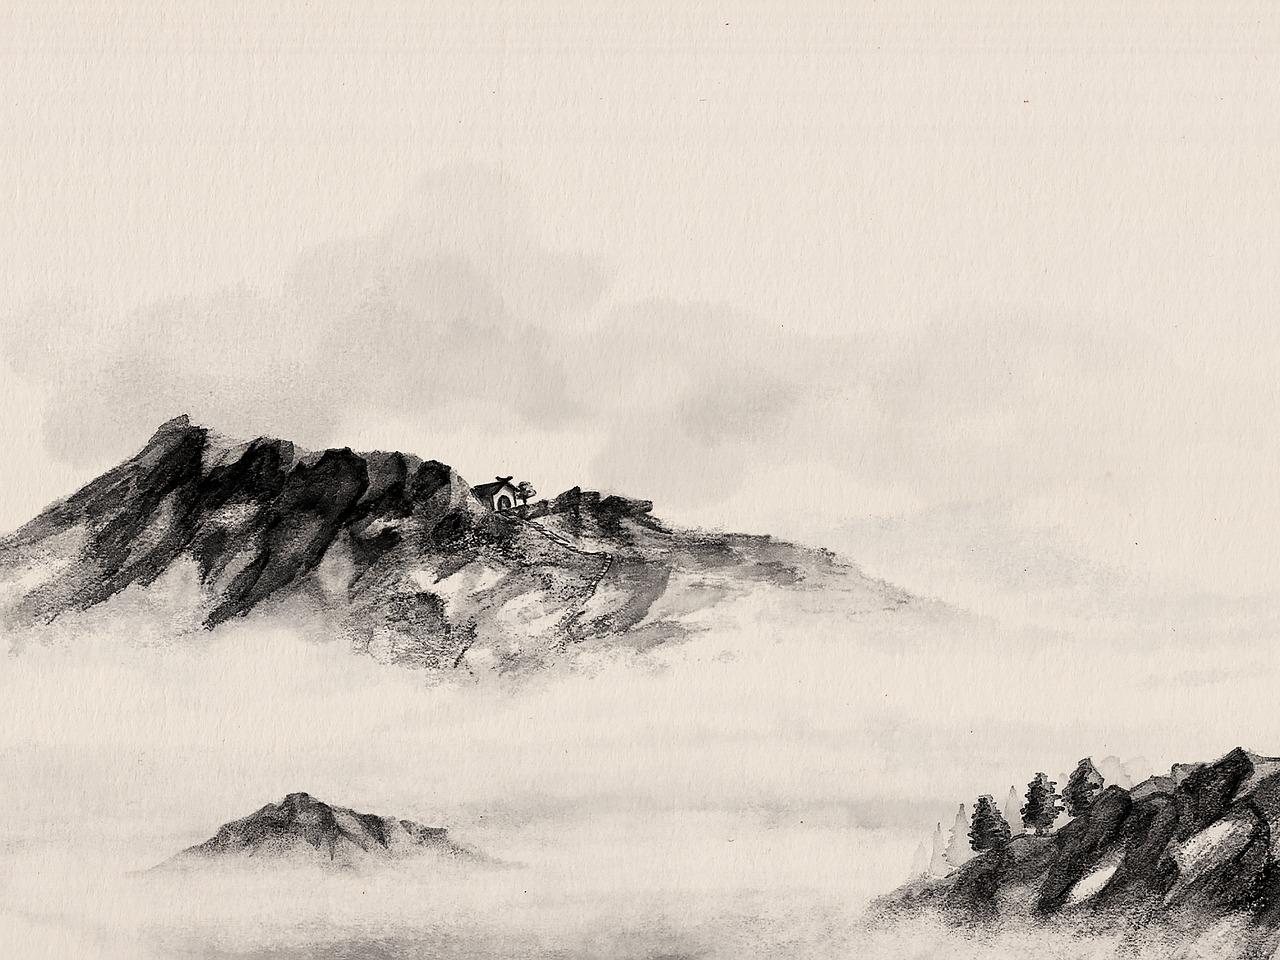 Courage warriors rites of passage promo hands of lohan zen